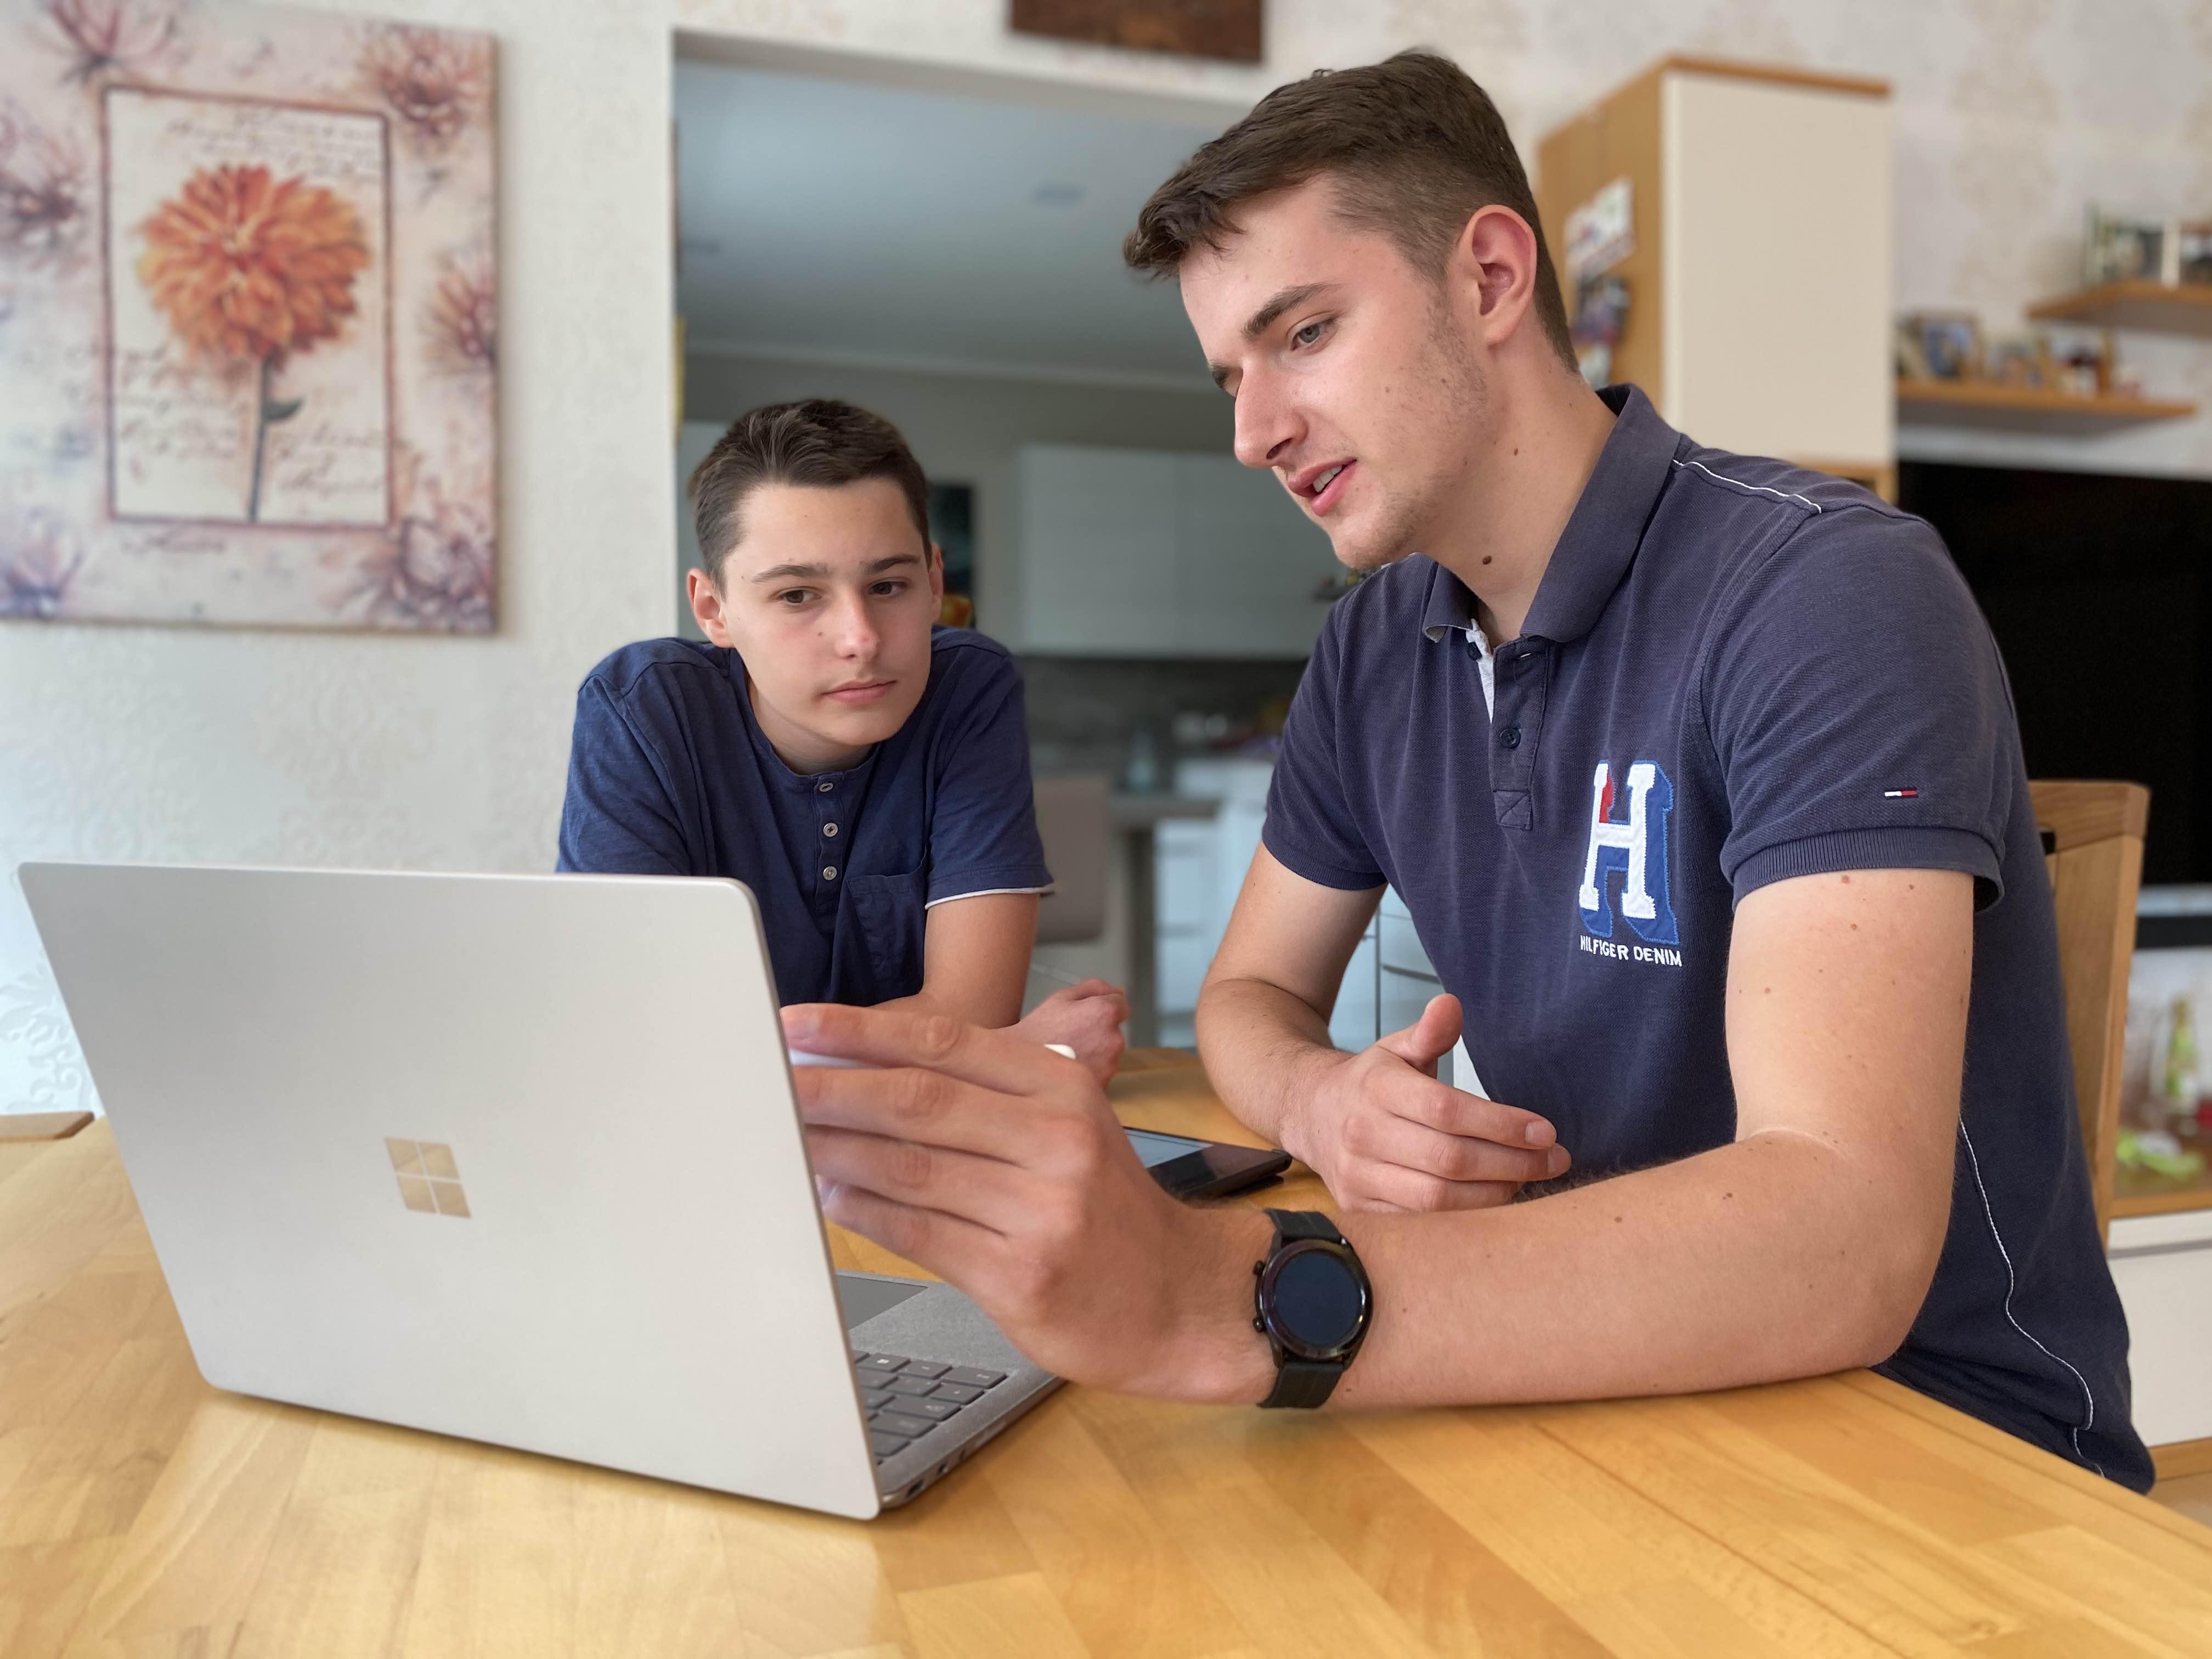 Nachhilfe in Zwenkau - Vincent unterrichtet Mathe persönlich